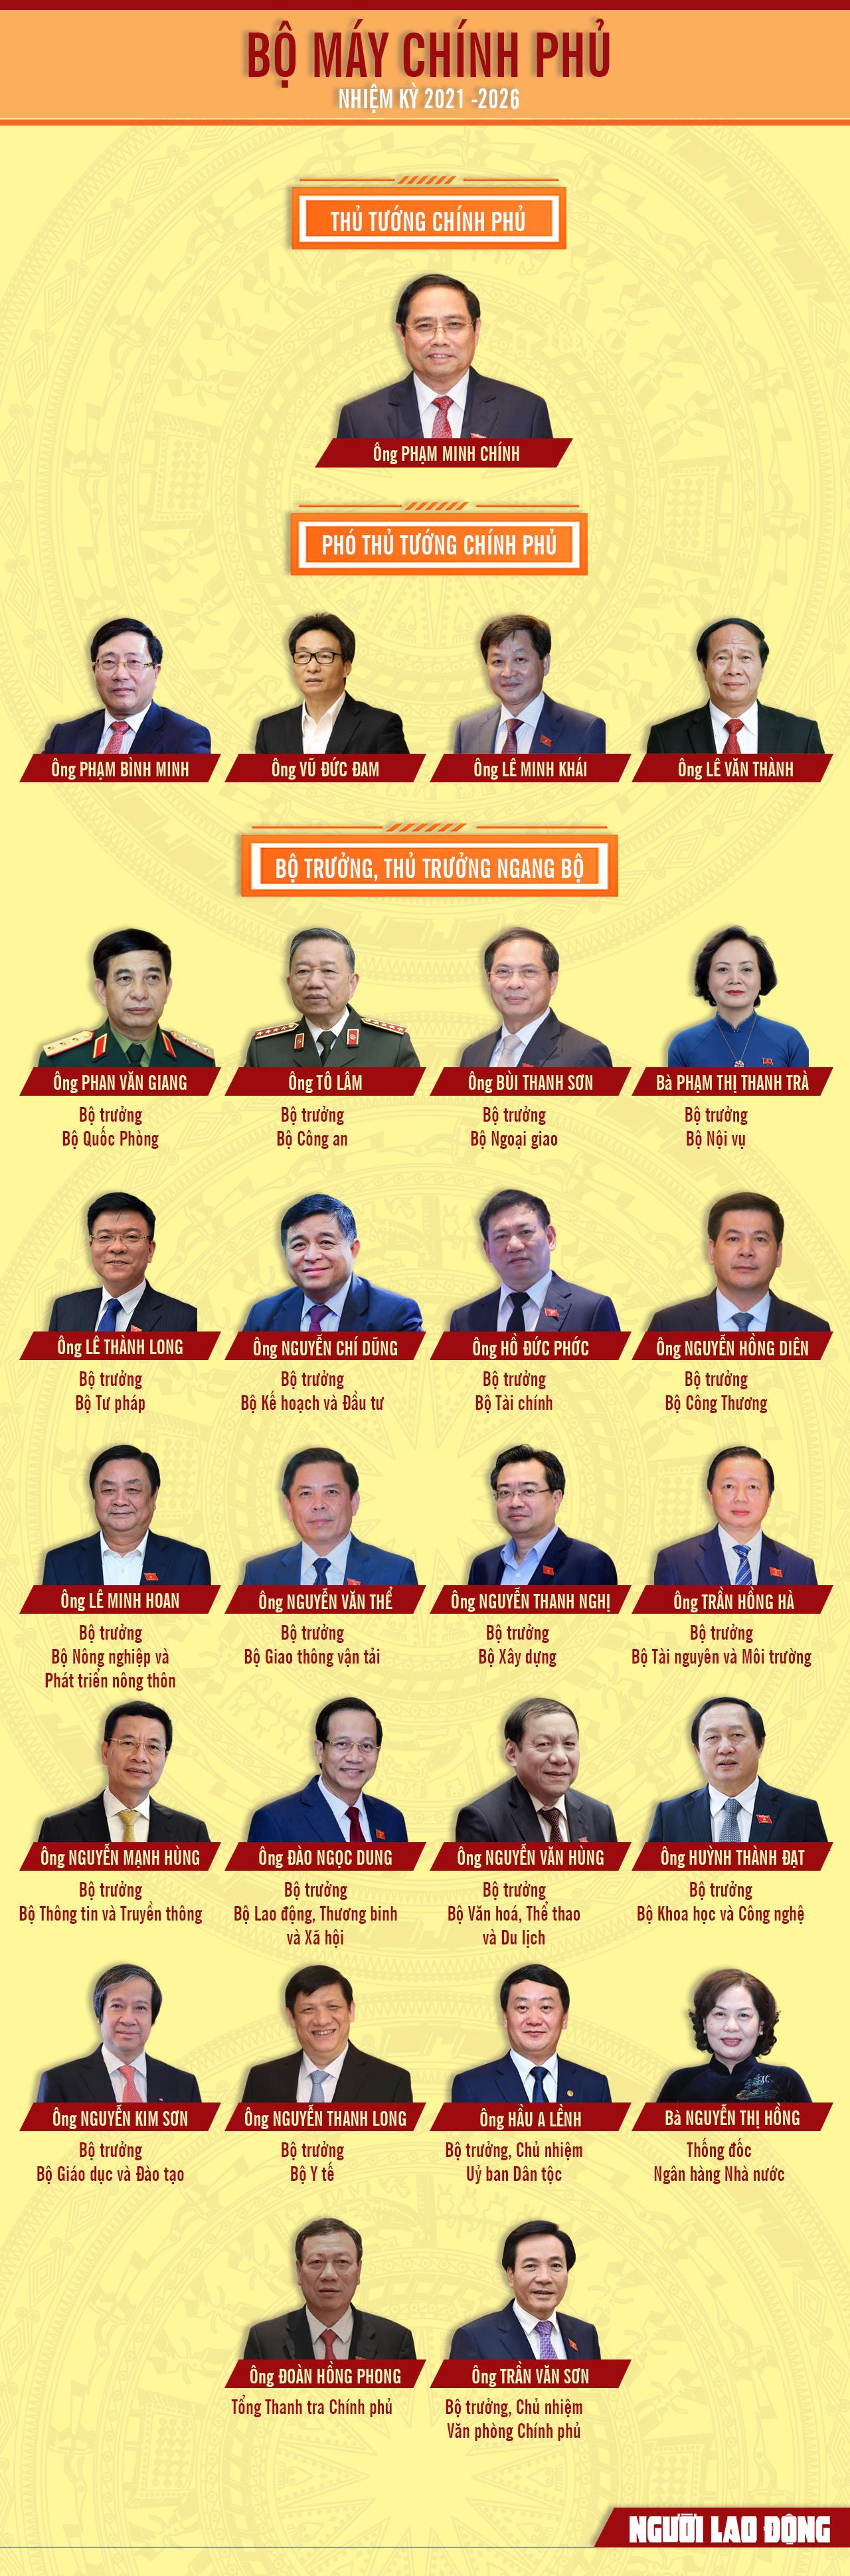 [Infographic] 27 thành viên Chính phủ nhiệm kỳ mới 2021-2026 - Ảnh 1.